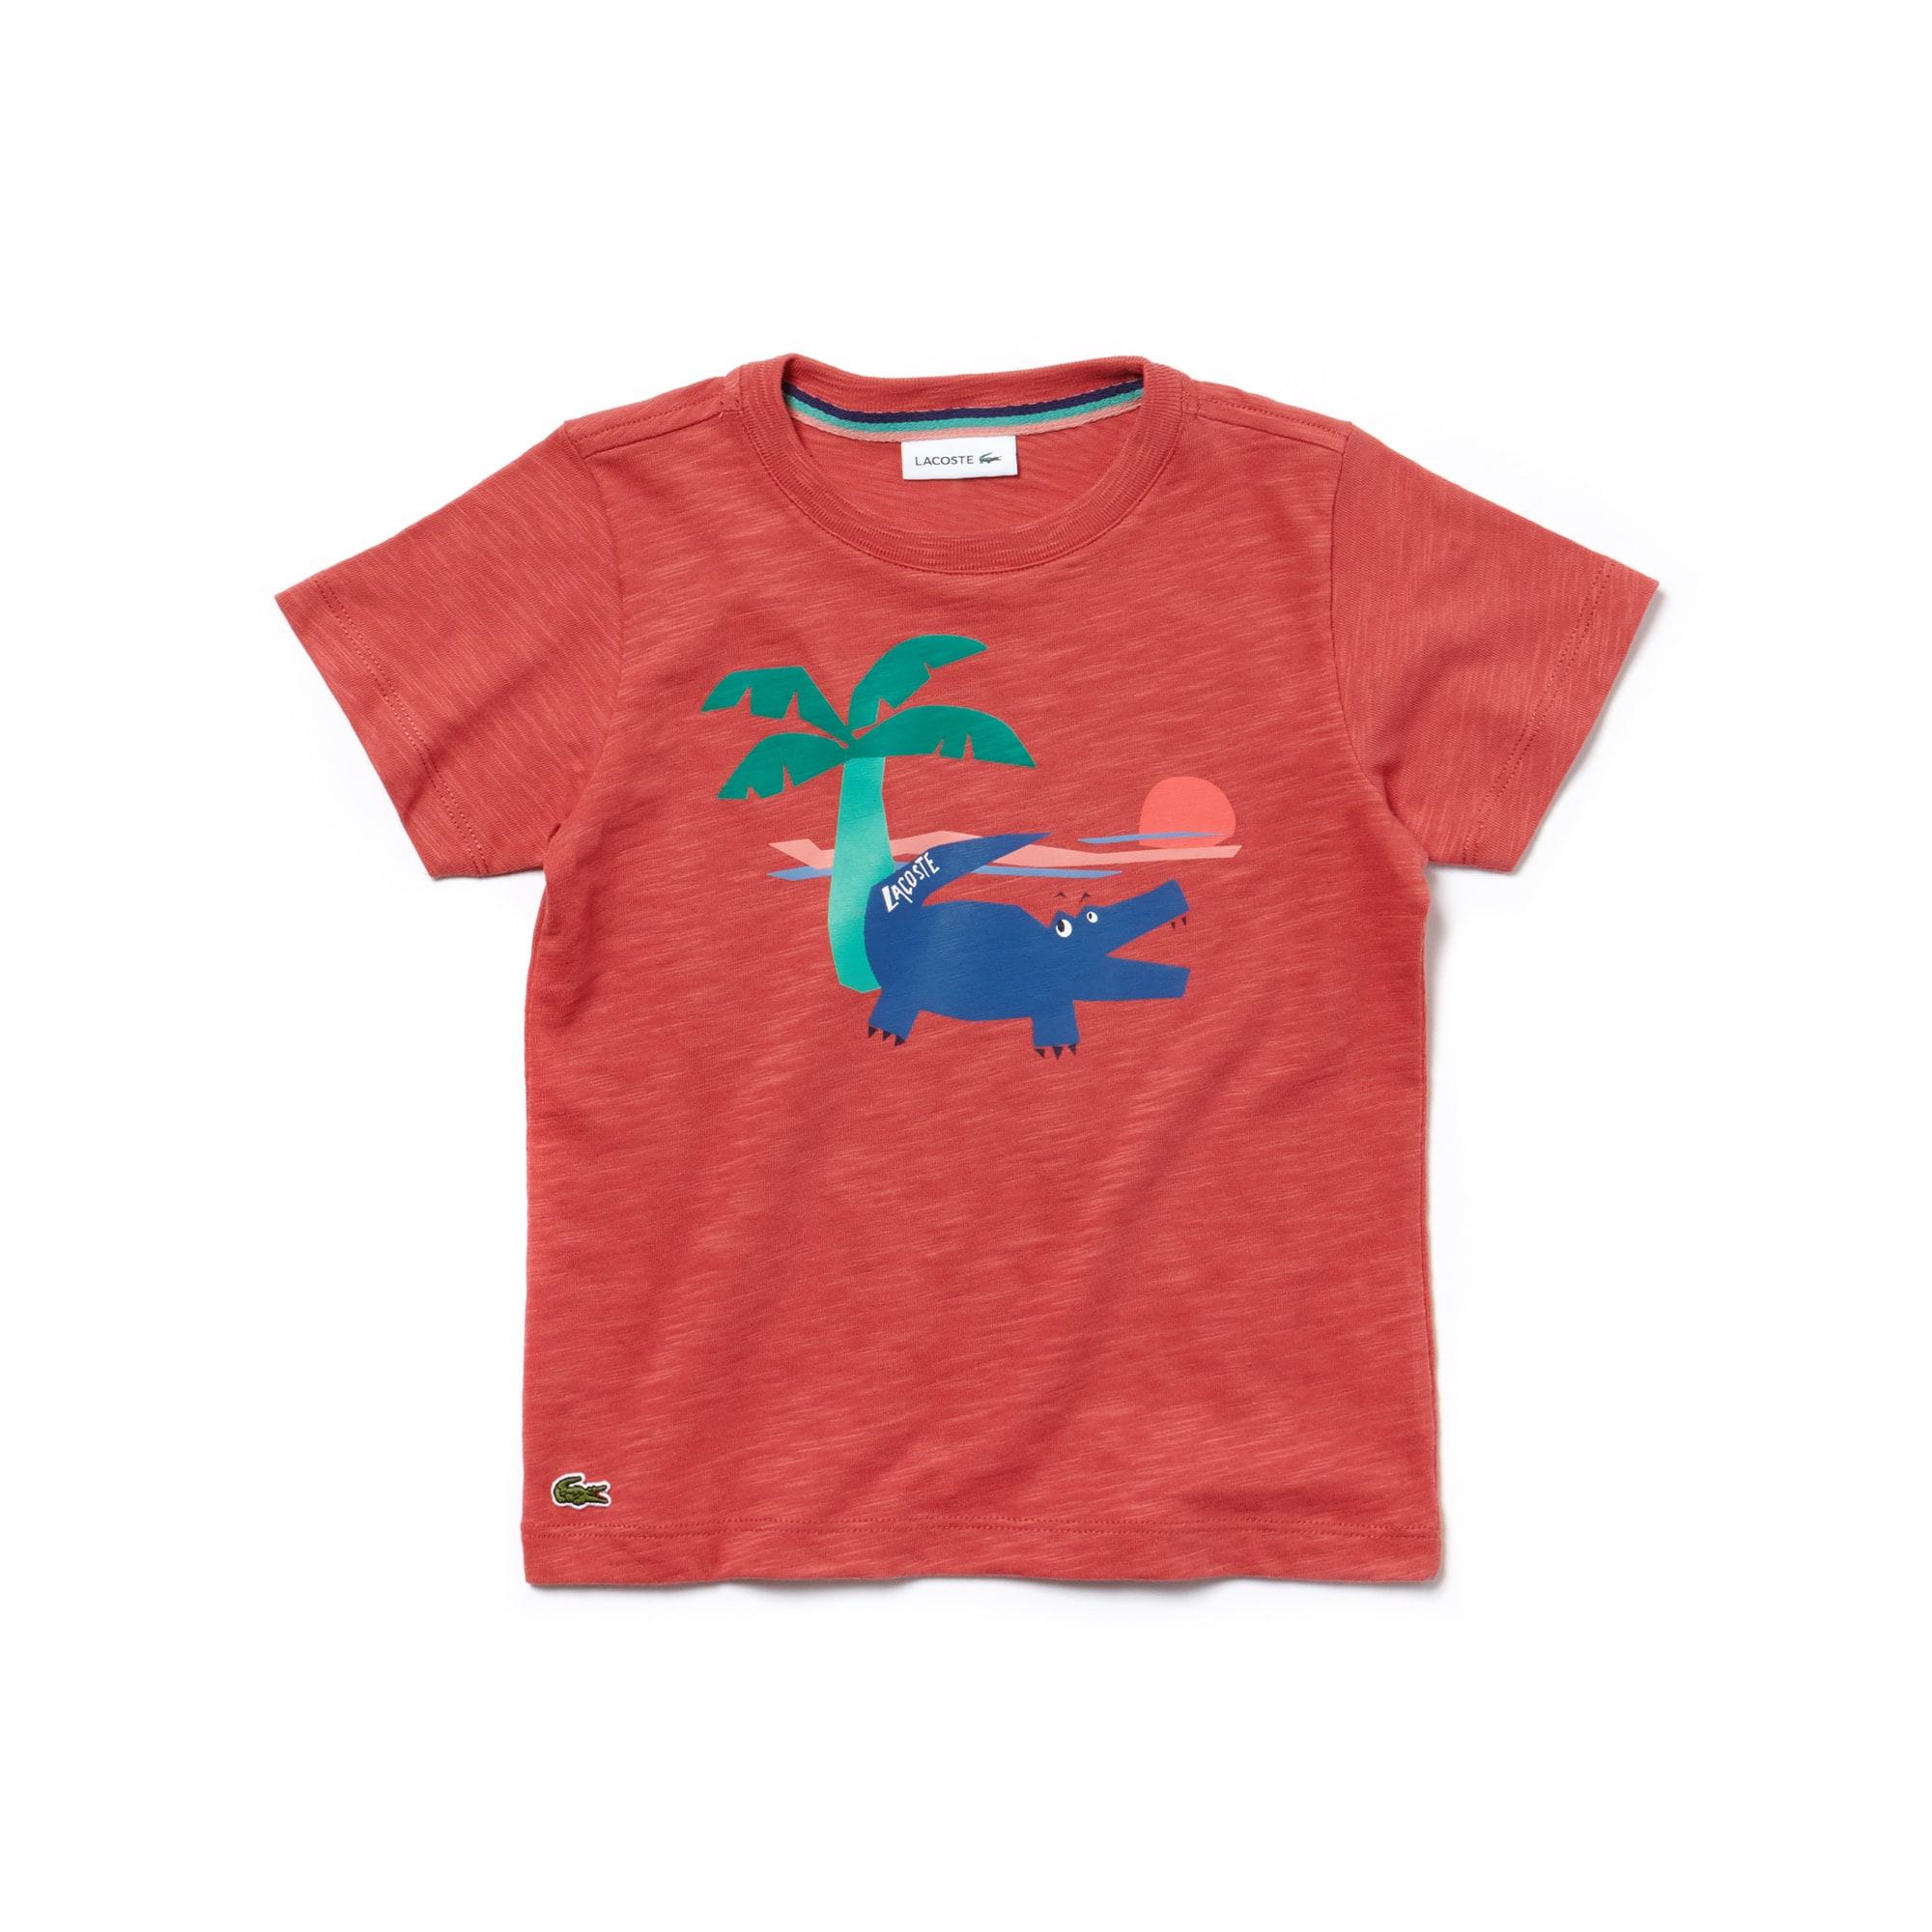 T-shirt decote redondo Menino em jersey efeito mesclado com impressão crocodilo